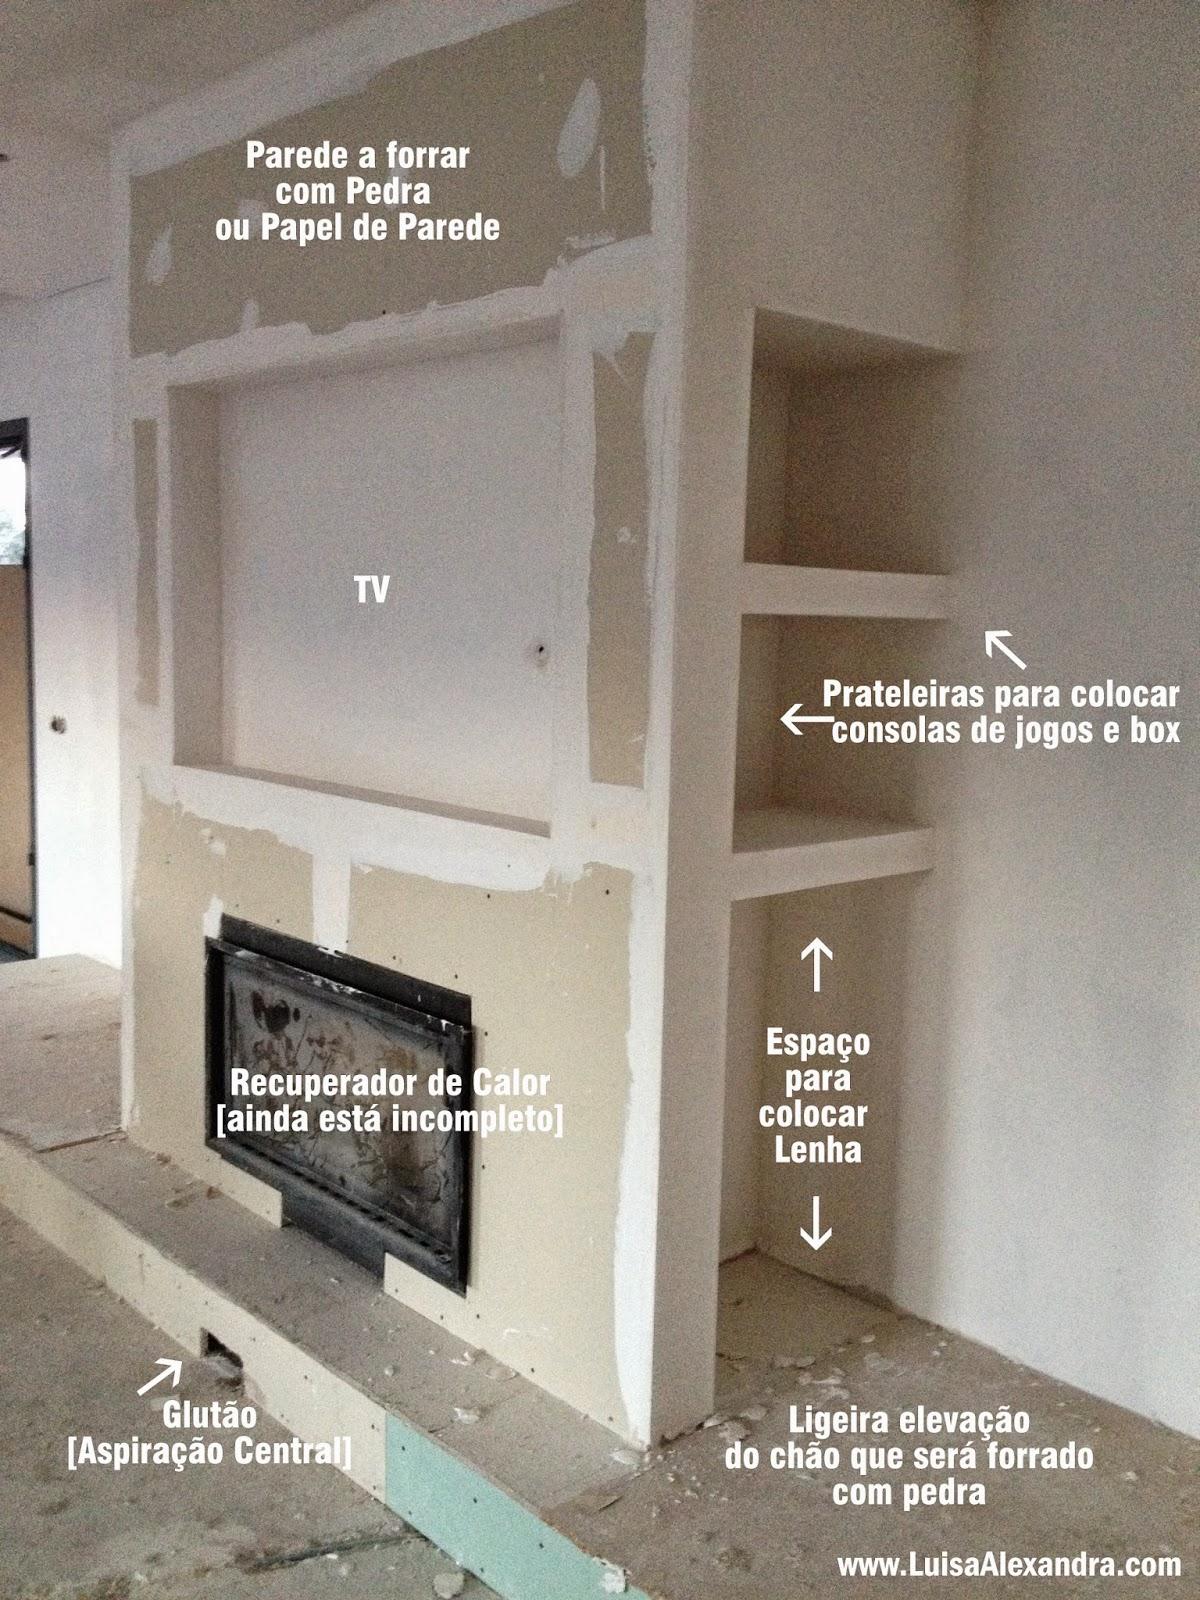 A nossa casa recuperador de calor m vel em pladur - Paredes de pladur o ladrillo ...